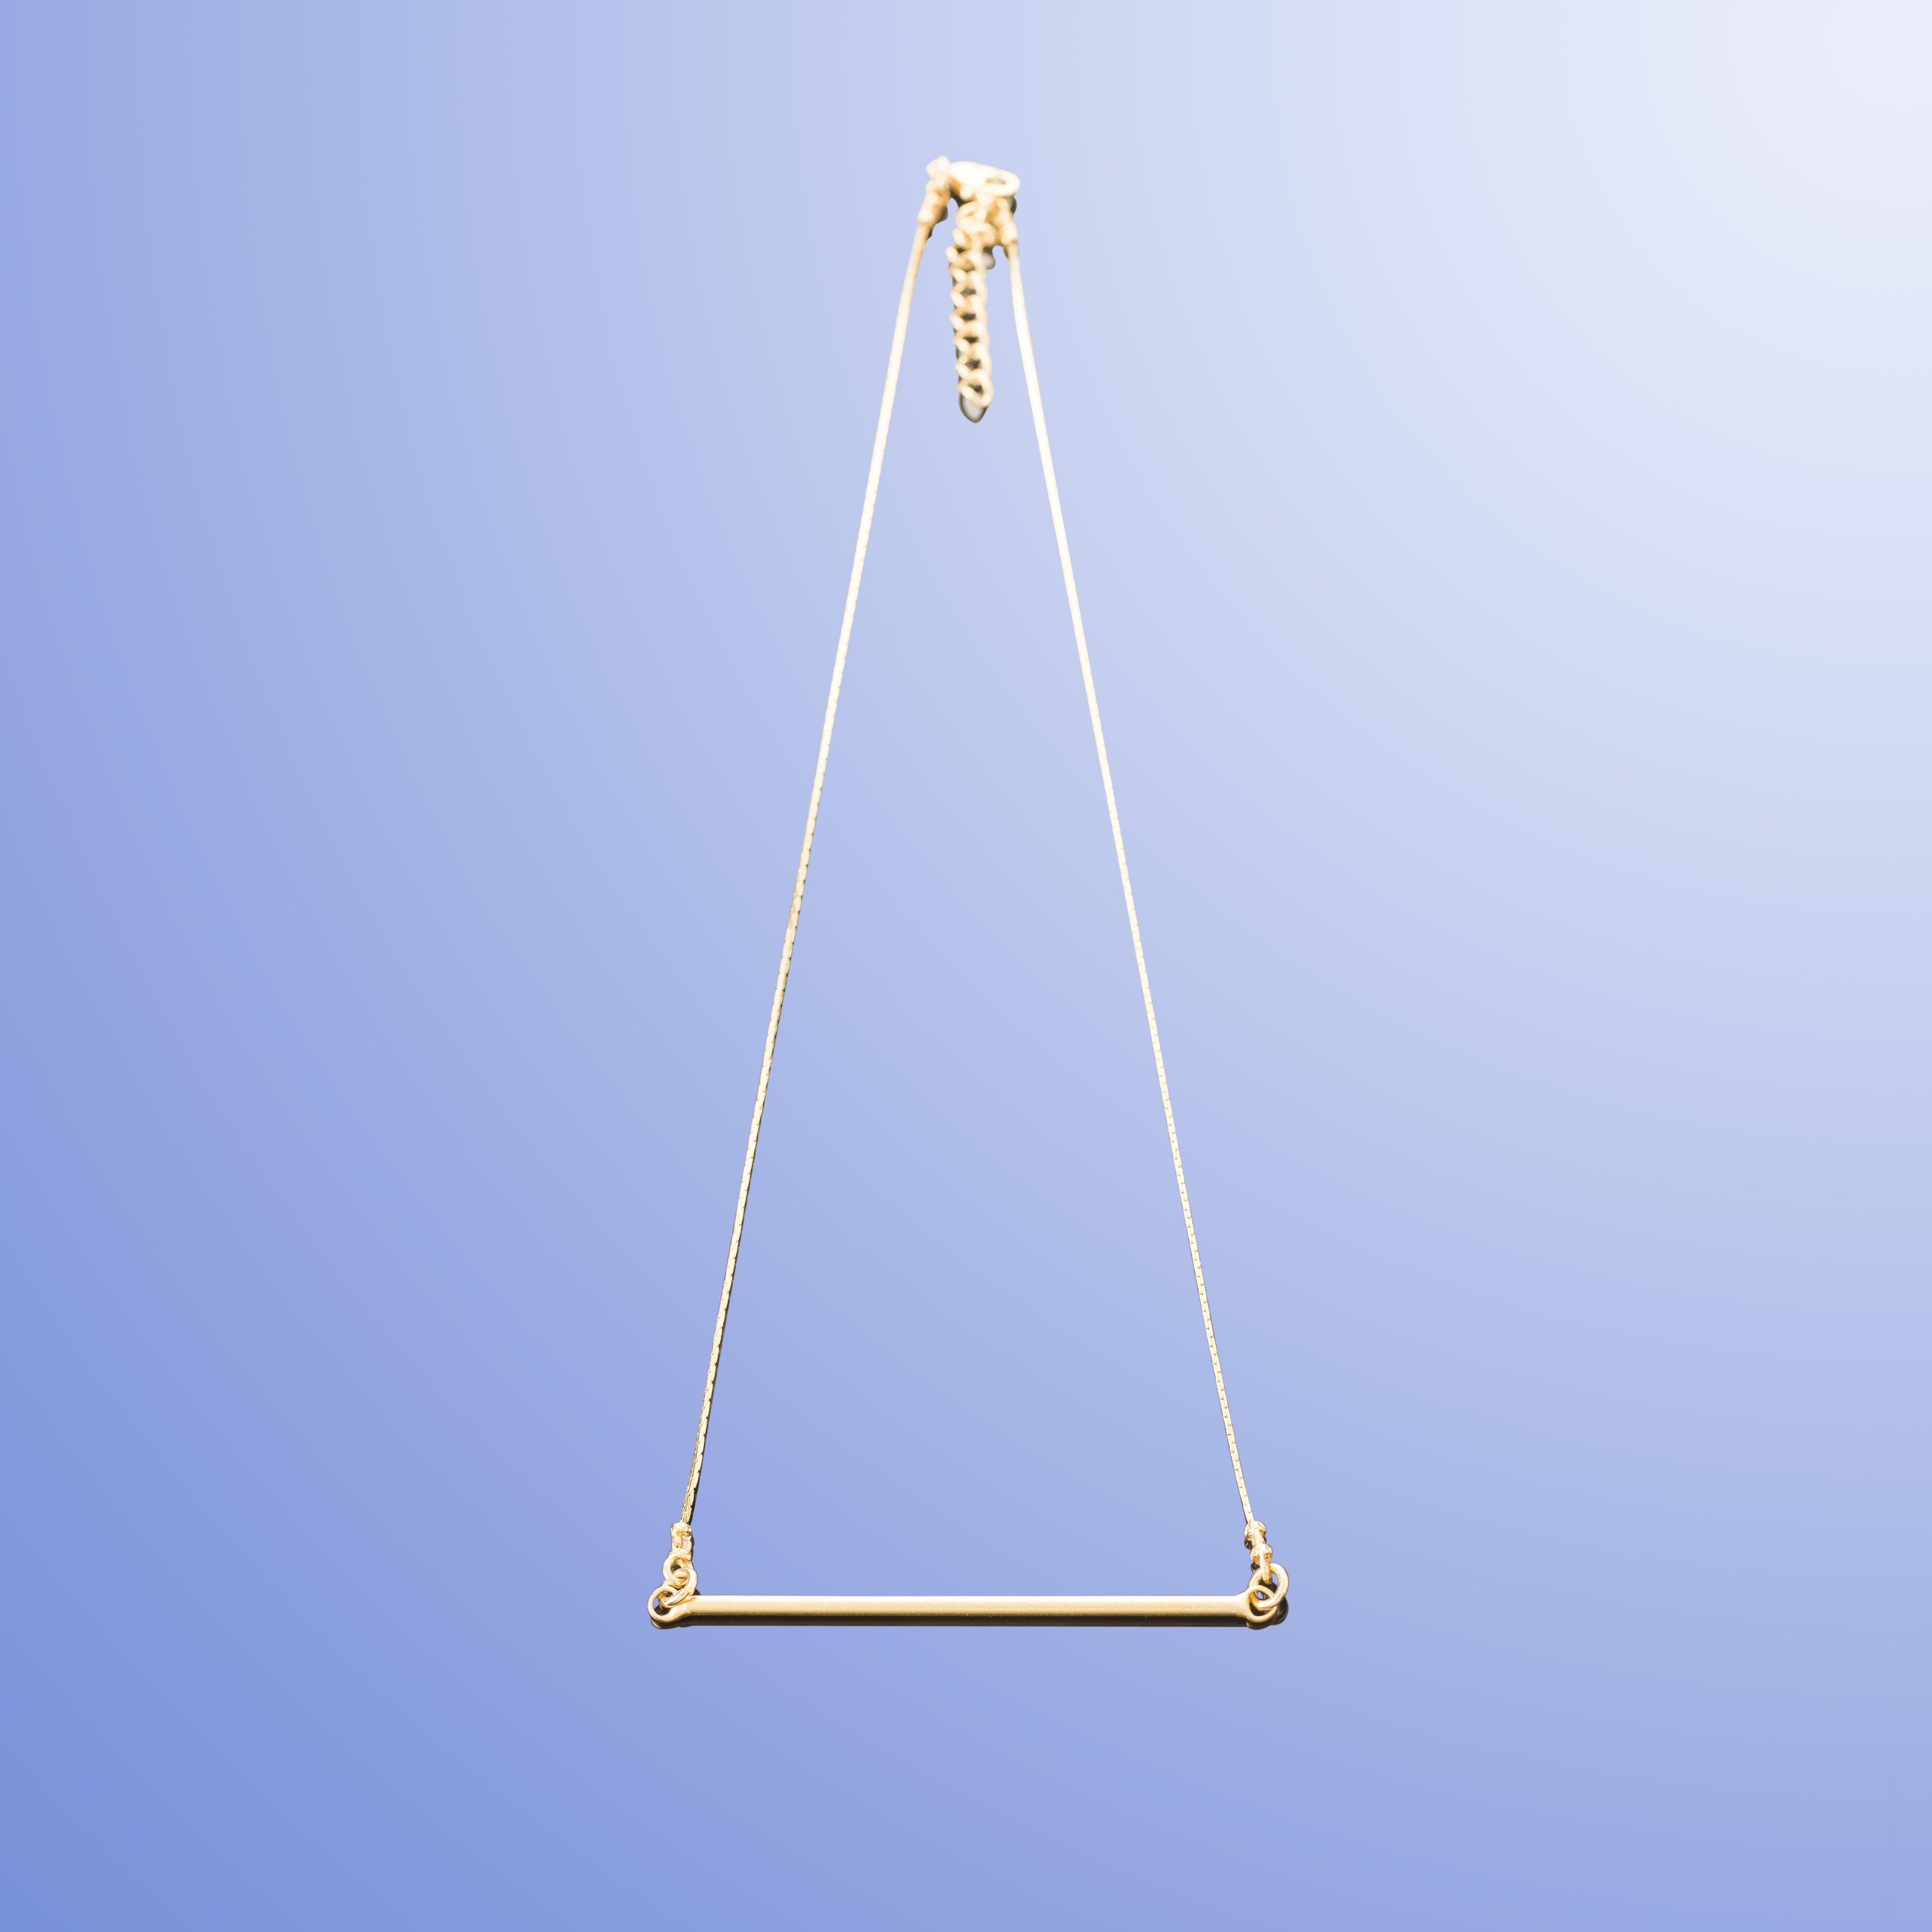 תמונת מוצר, שרשרת עדינה בצבע זהב, עם תליון בצורת מוט דק מאוזן.